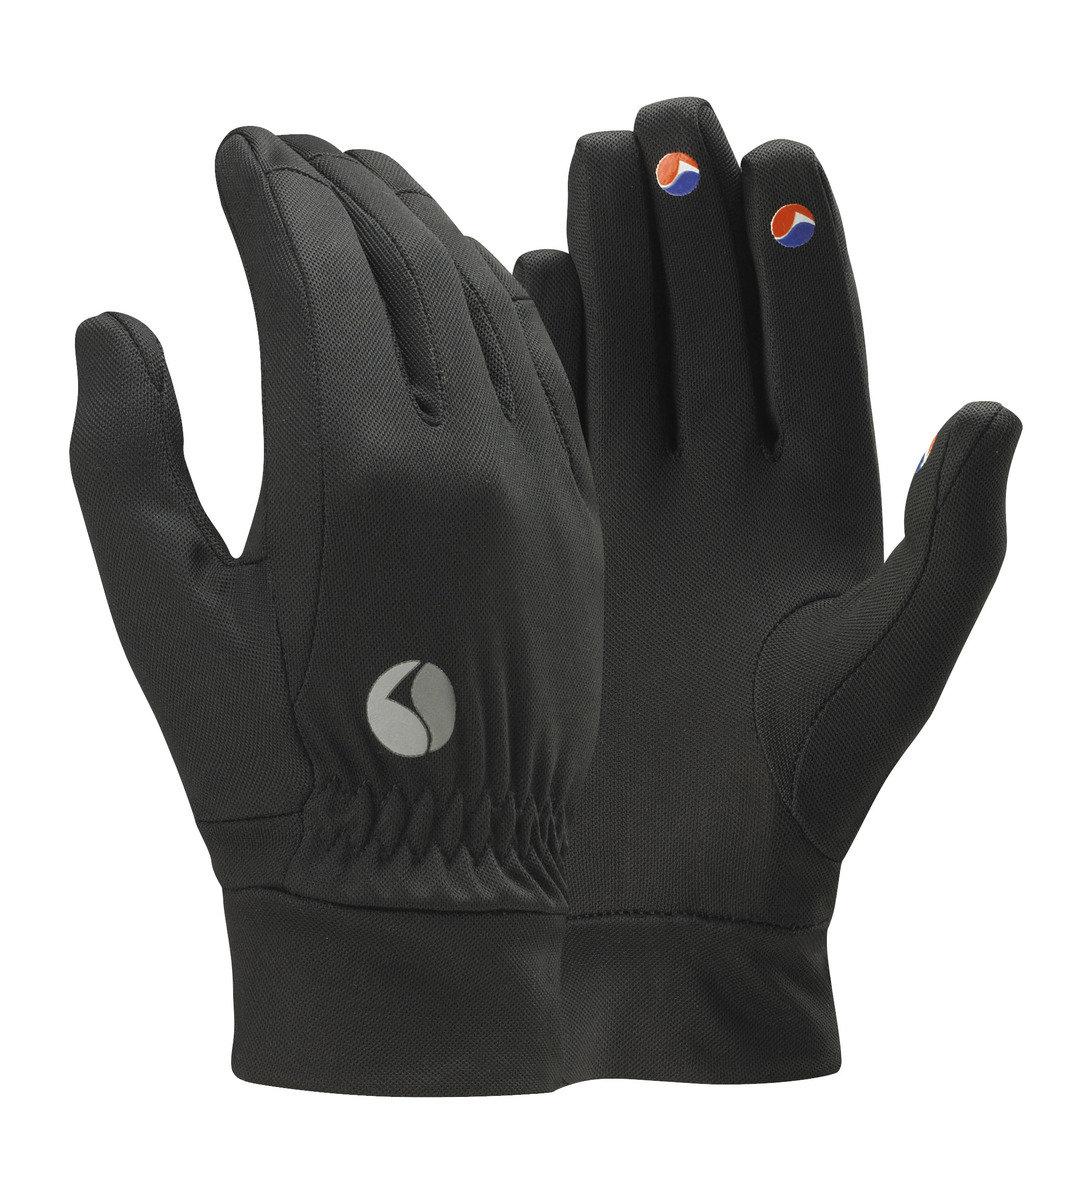 英國保暖排汗手套POWERDRY GLOVE-黑色